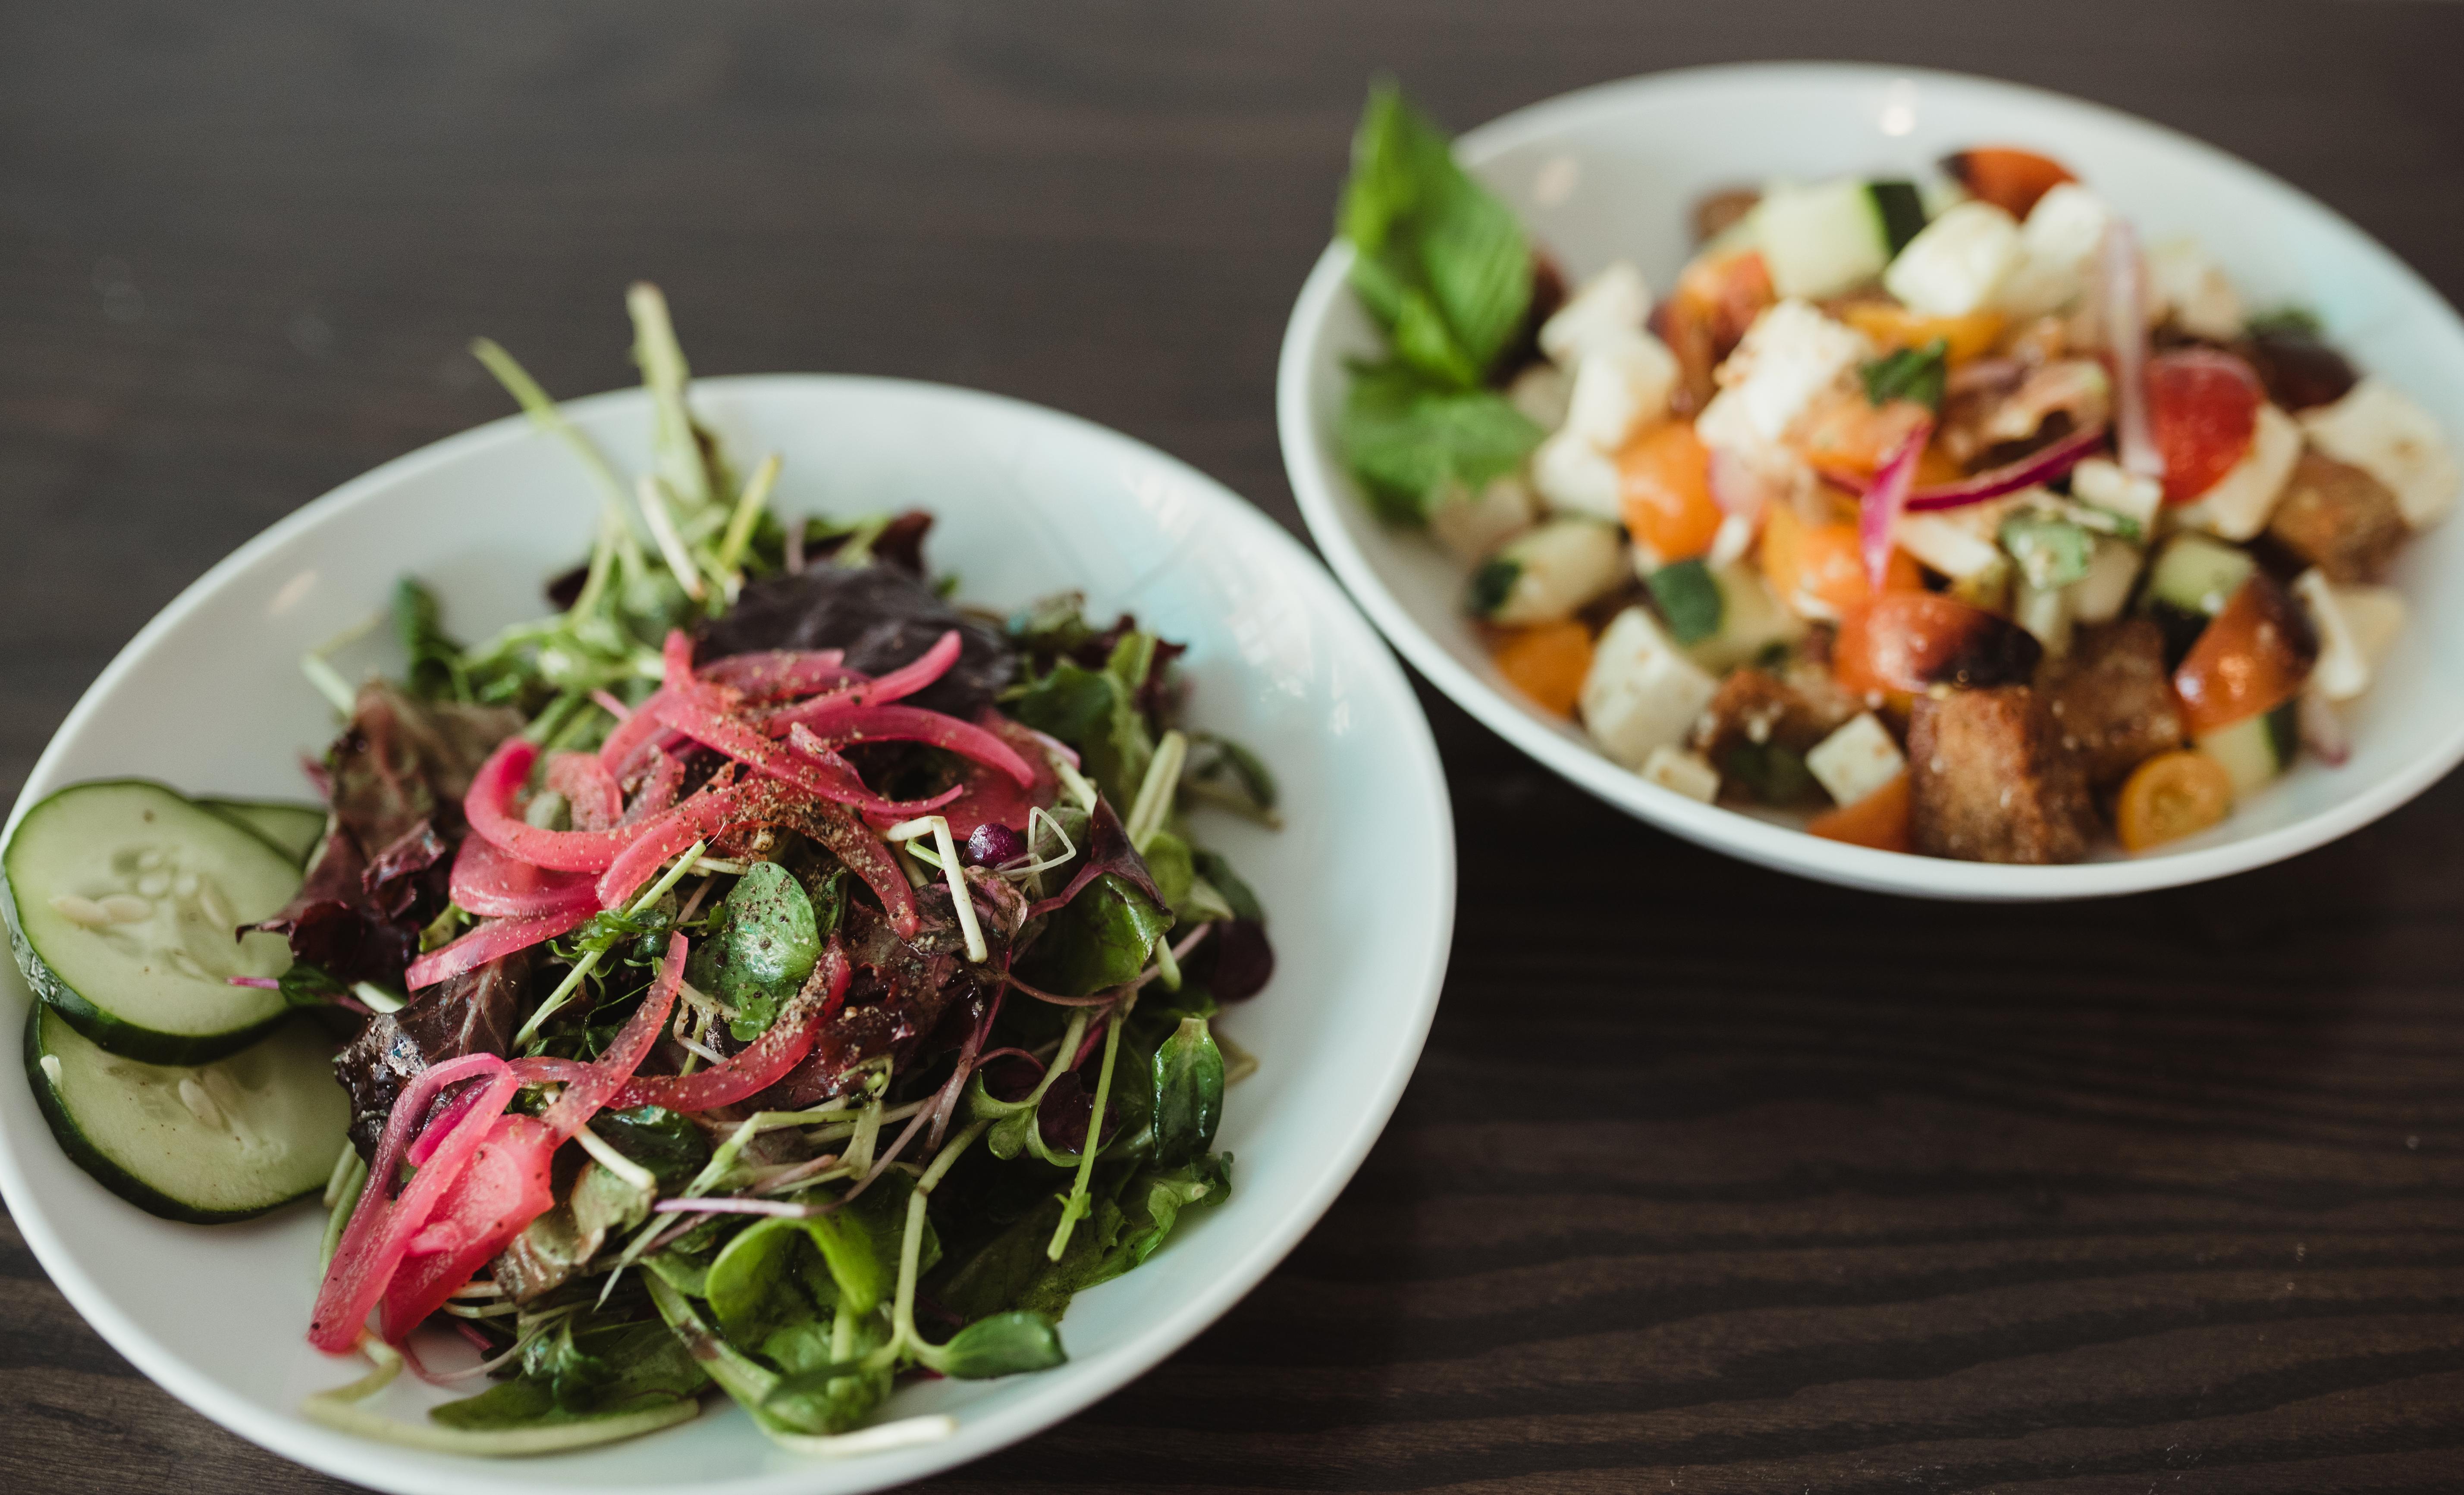 Fresh Greens and Panzanella Salad